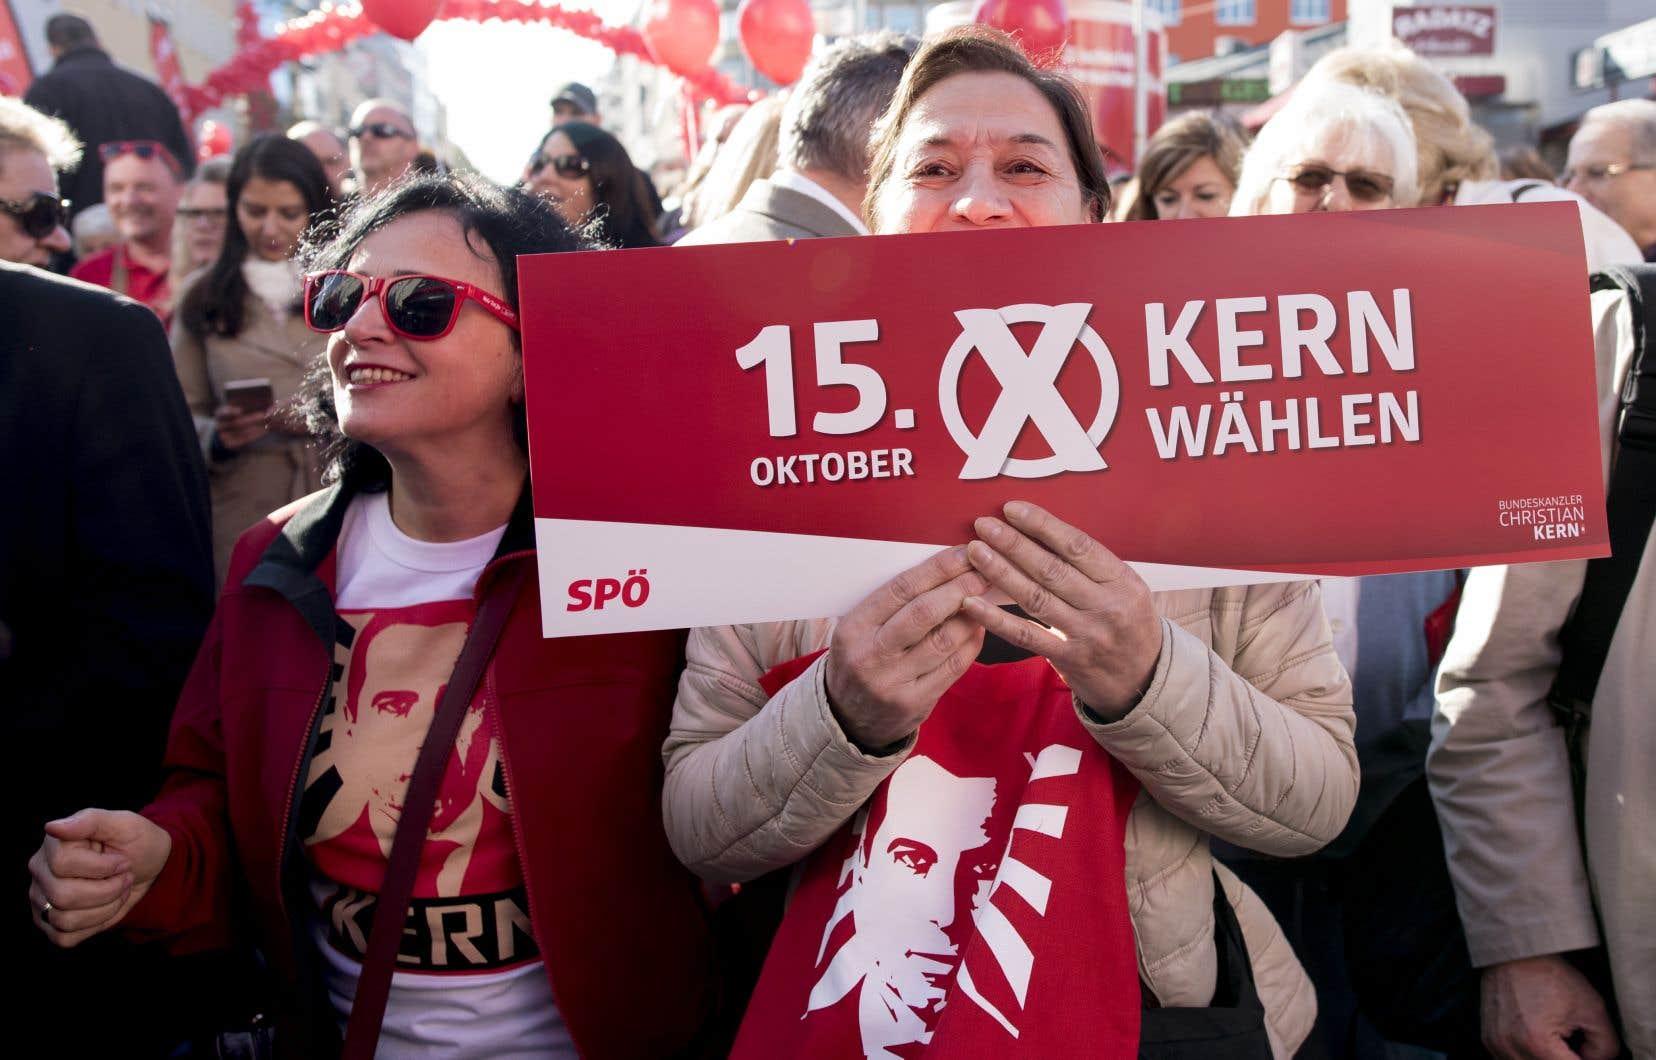 Des partisans du chancelier autrichien et leader social-démocrate Christian Kern assistent au dernier rassemblement électoral du parti à la veille des élections législatives autrichiennes, le 14 octobre.